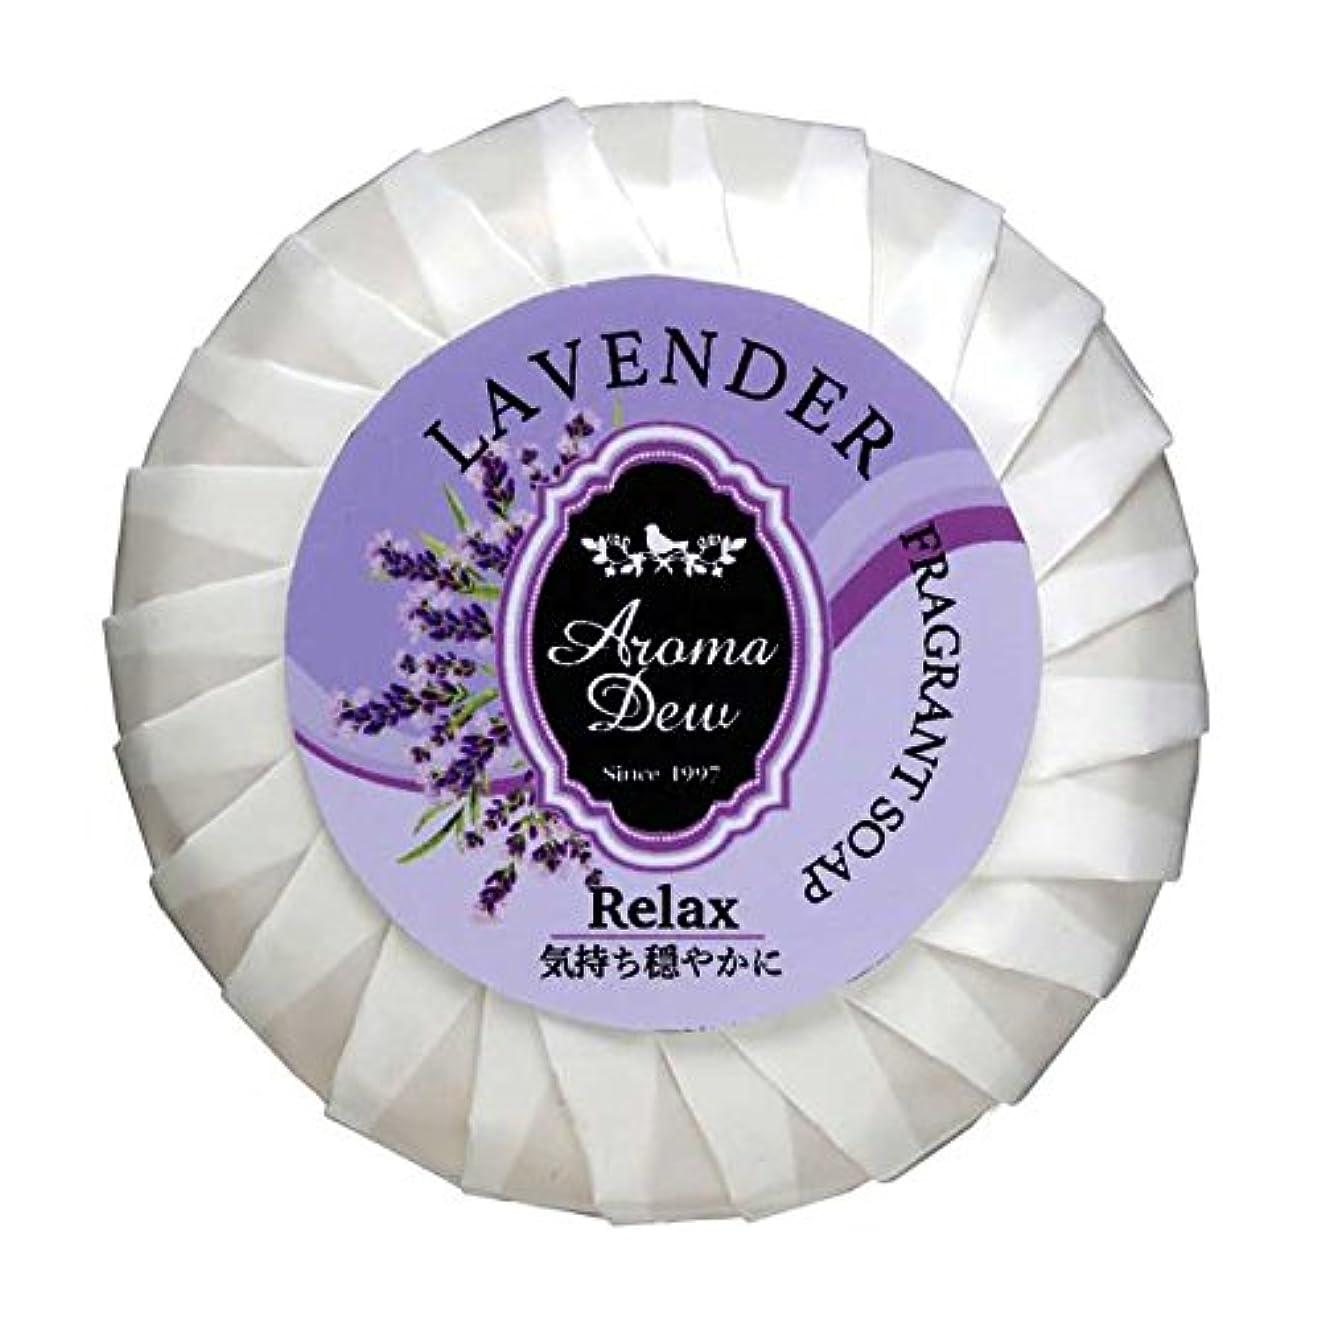 マイクロプロセッサバイオレットバーマドアロマデュウ フレグラントソープ ラベンダーの香り 100g